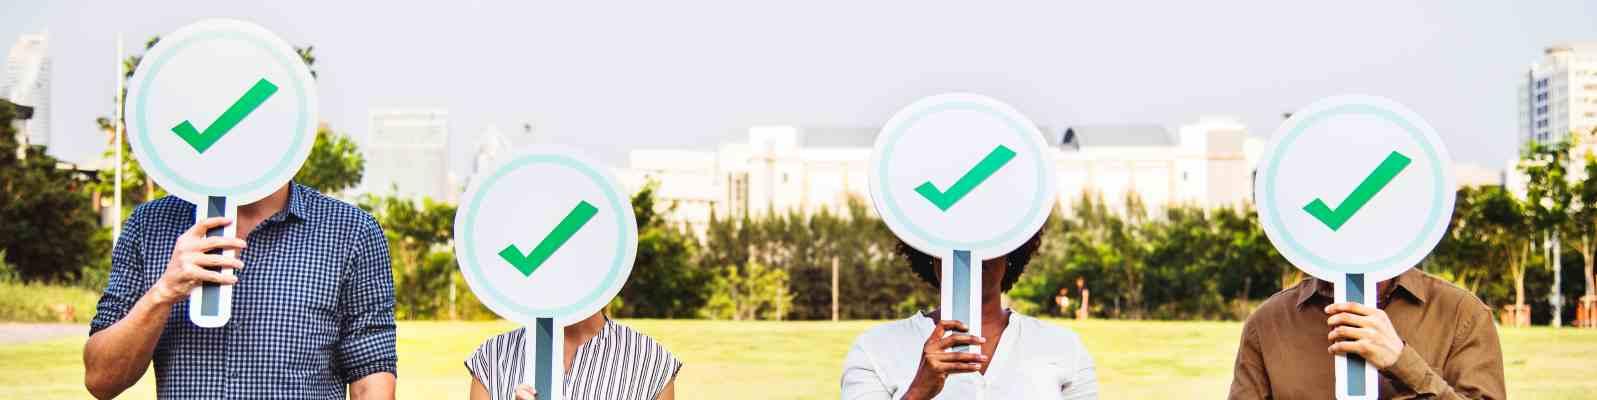 vier Personen tragen jeweils ein rundes Schild mit einem grünen Haken vor dem Kopf